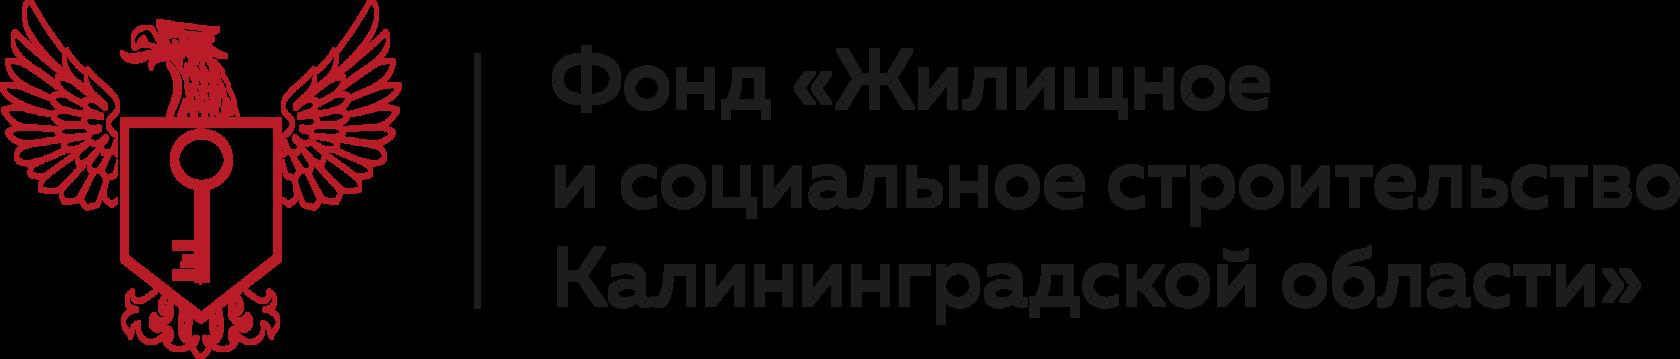 ФОНД ЖССКО